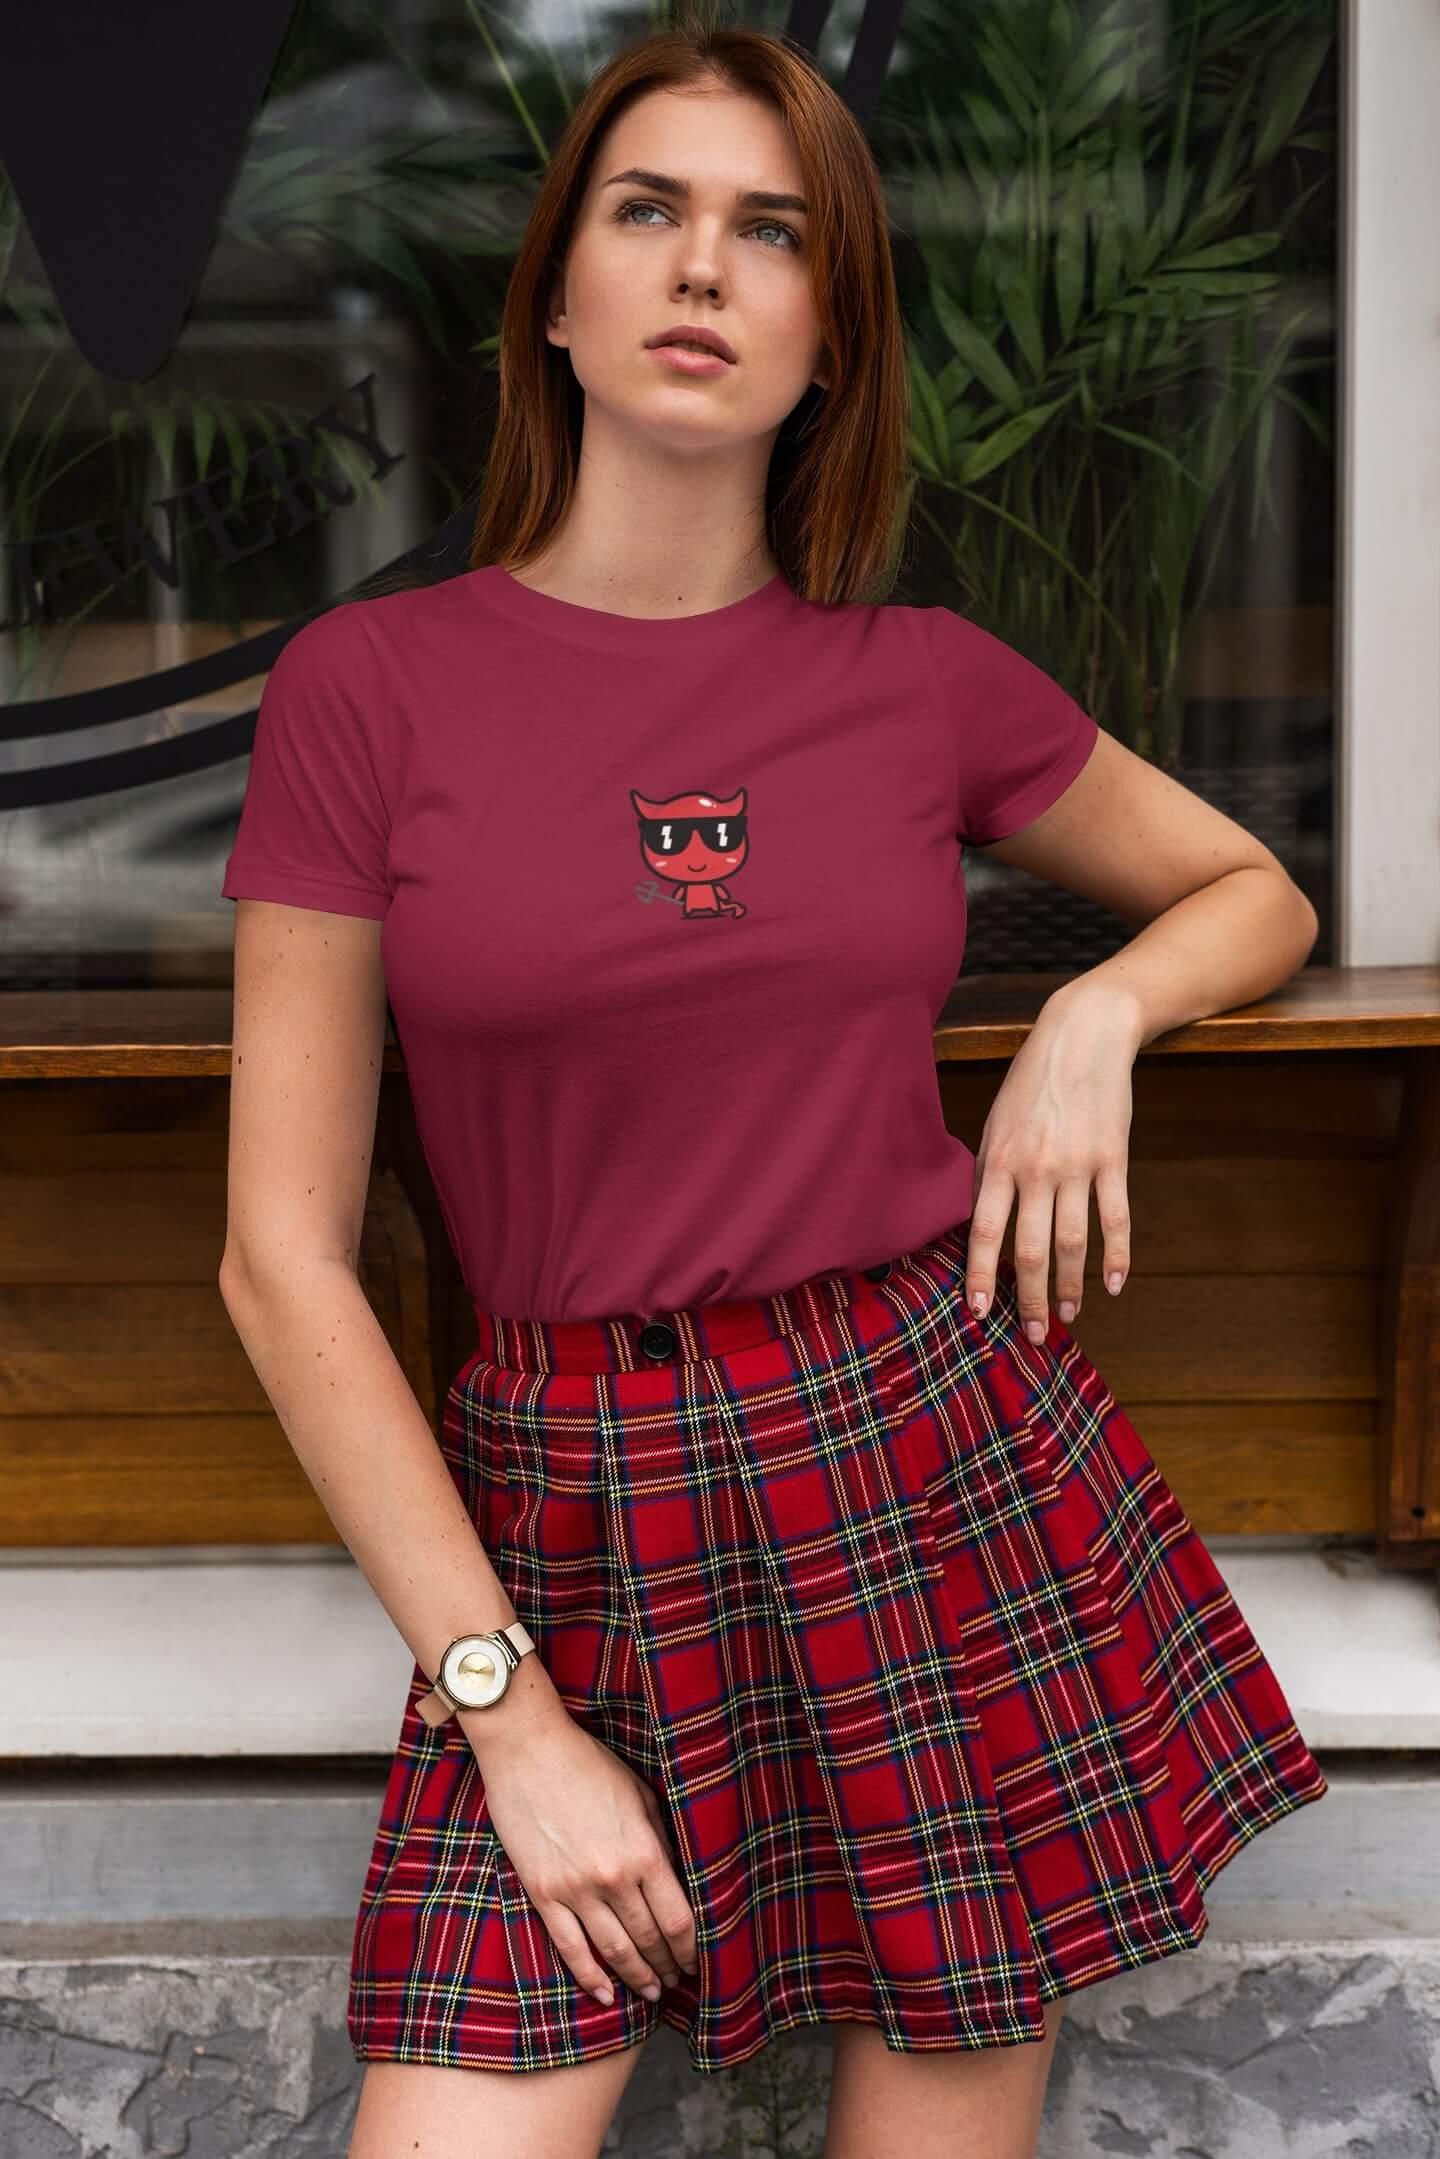 MMO Dámske tričko Čert s okuliarmi Vyberte farbu: Marlboro červená, Vyberte veľkosť: XL